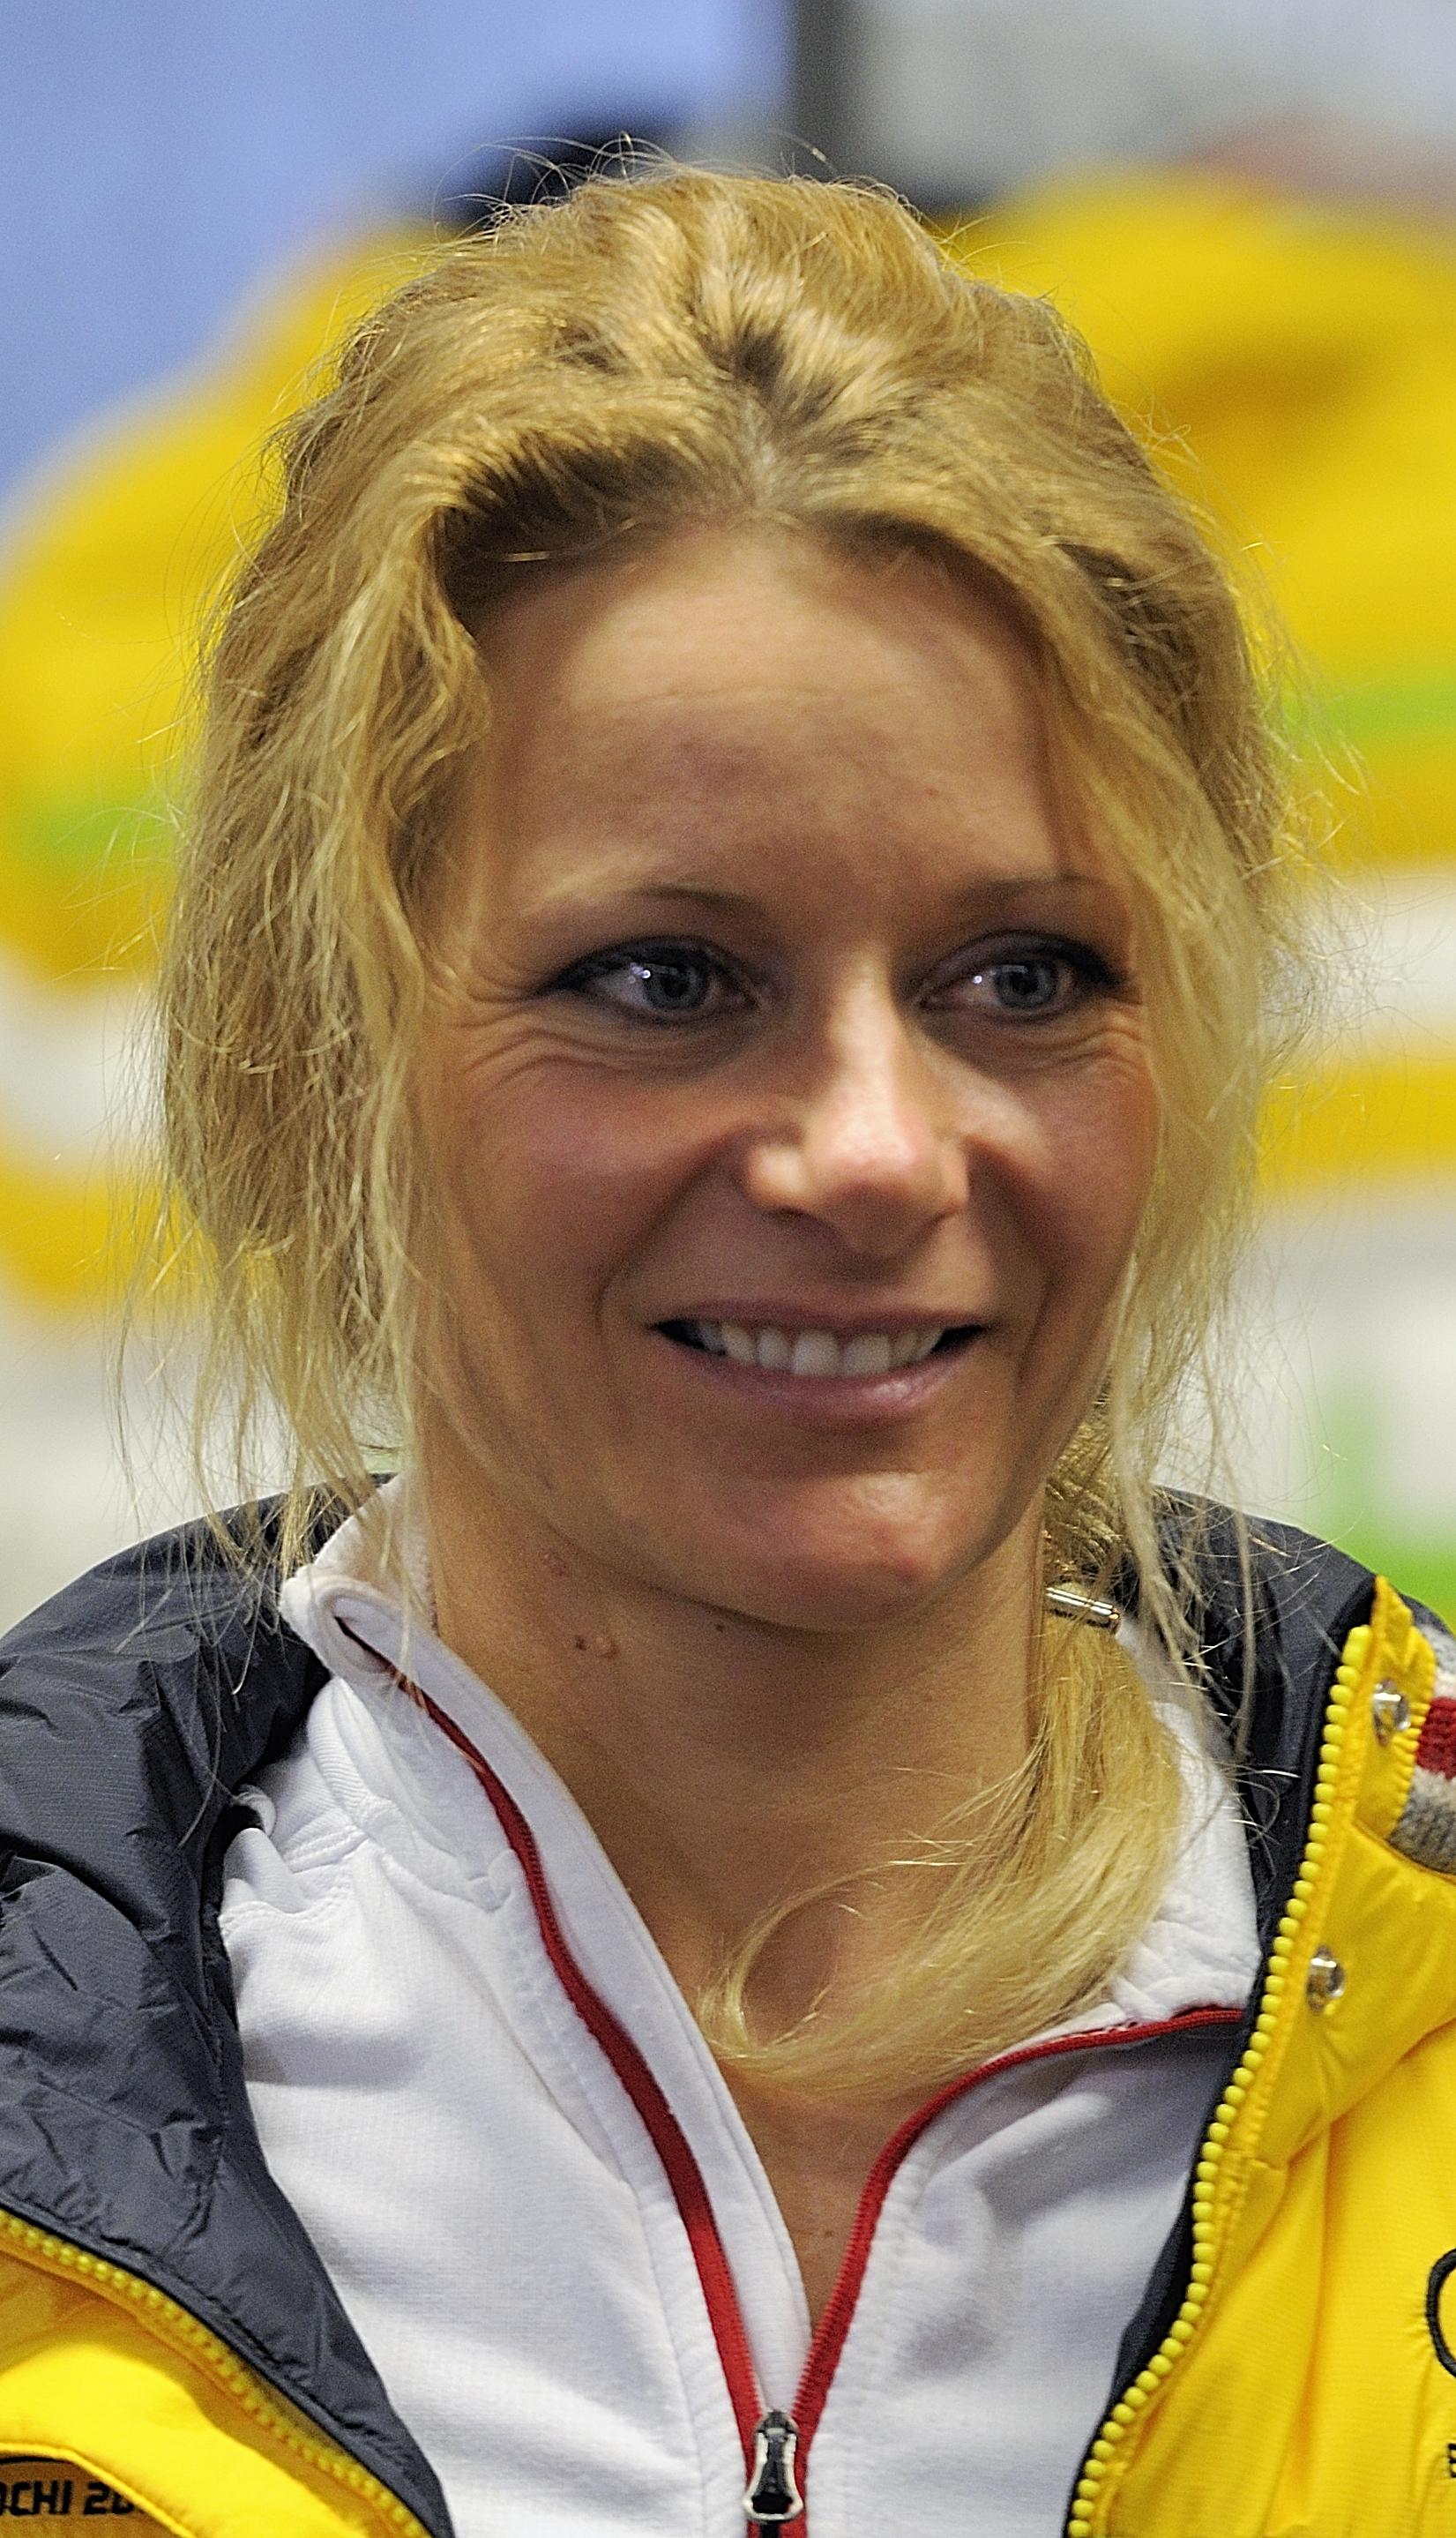 Claudia Nystad naked 905